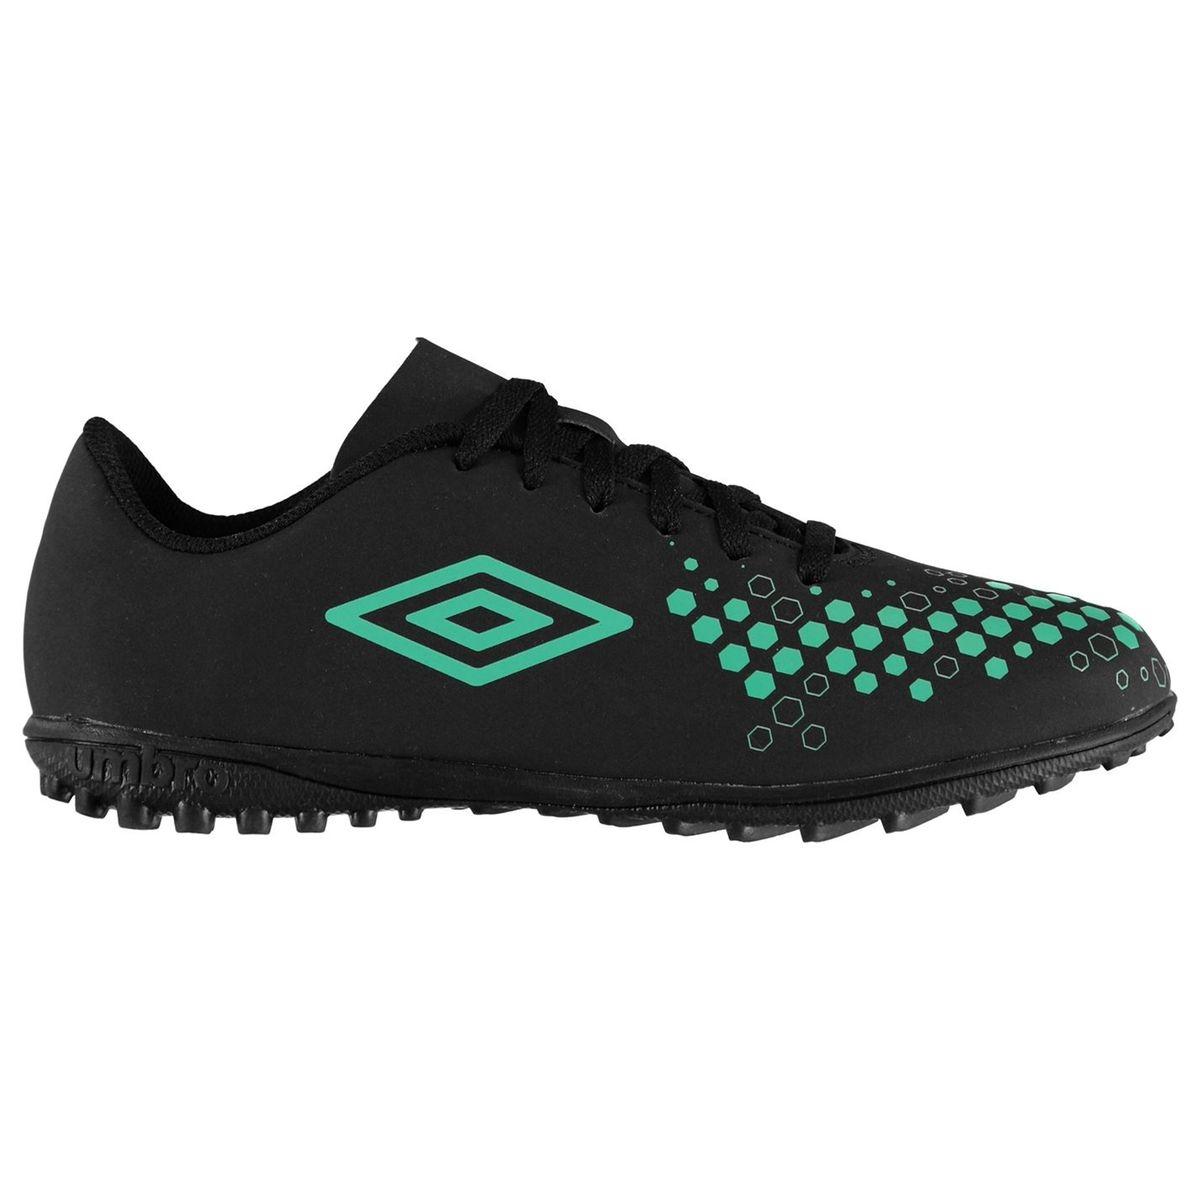 Chaussures de foot astro